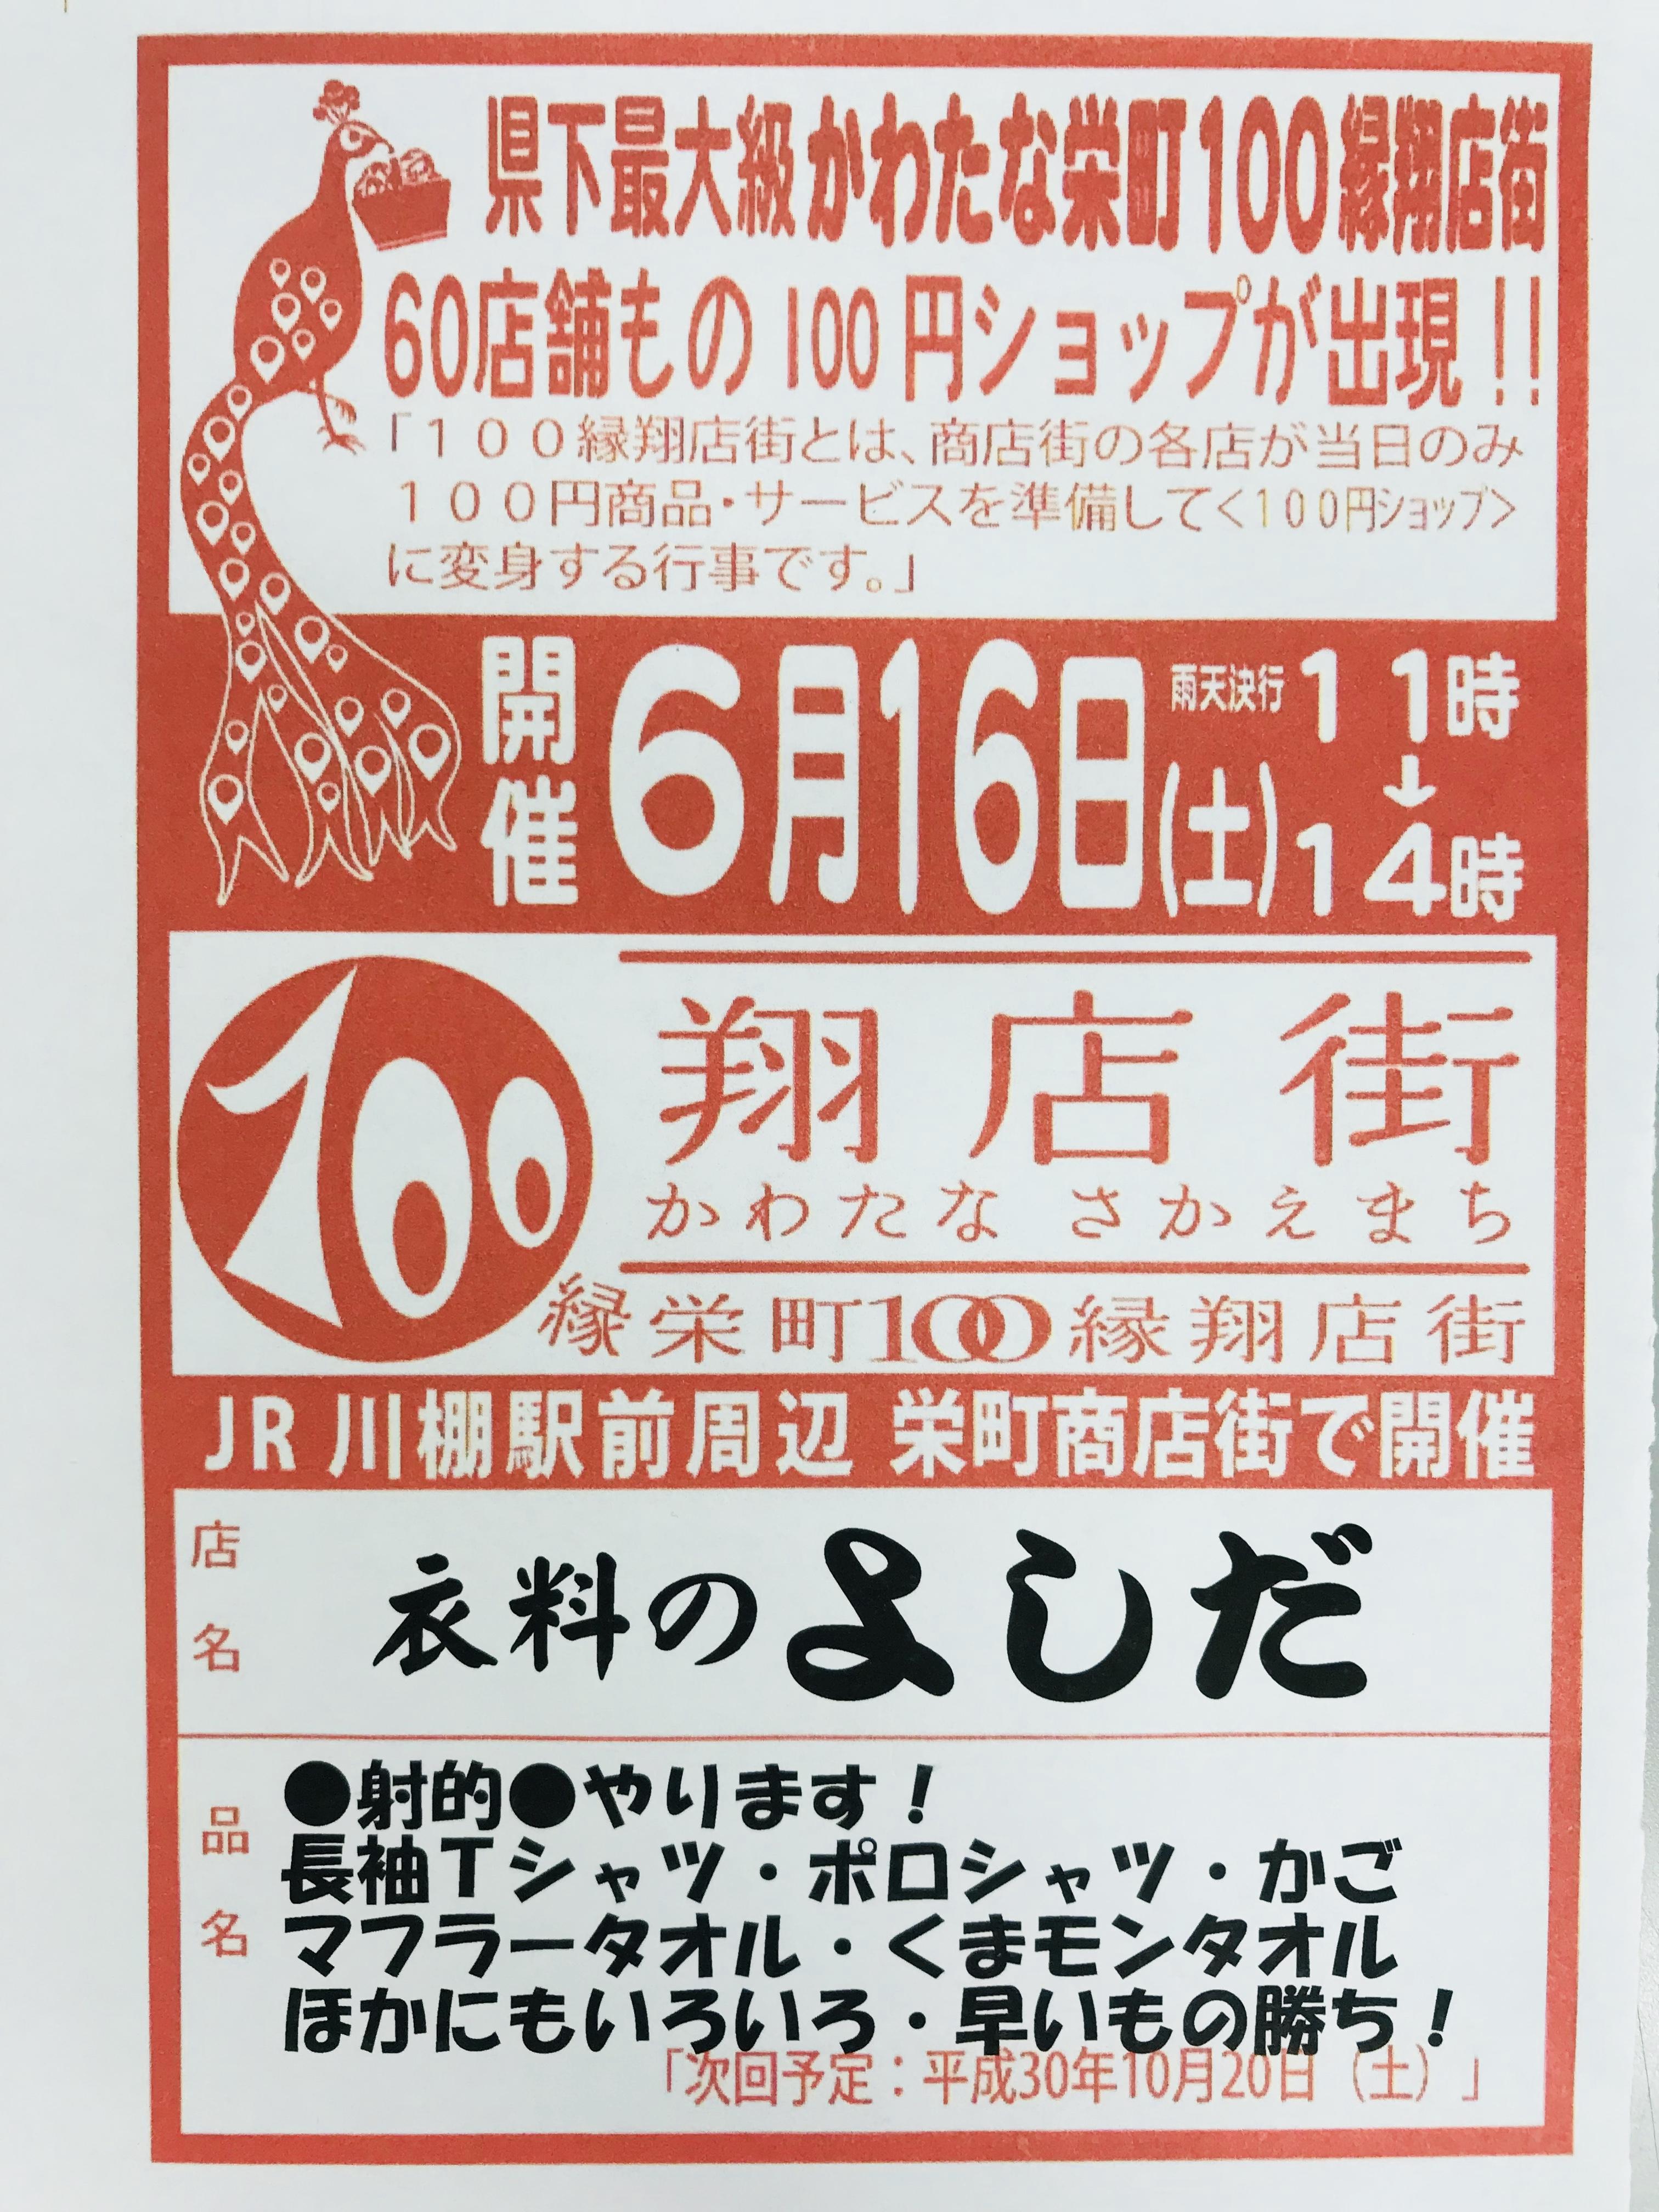 『かわたな栄町100円翔店街』明日11:00~開催です😜